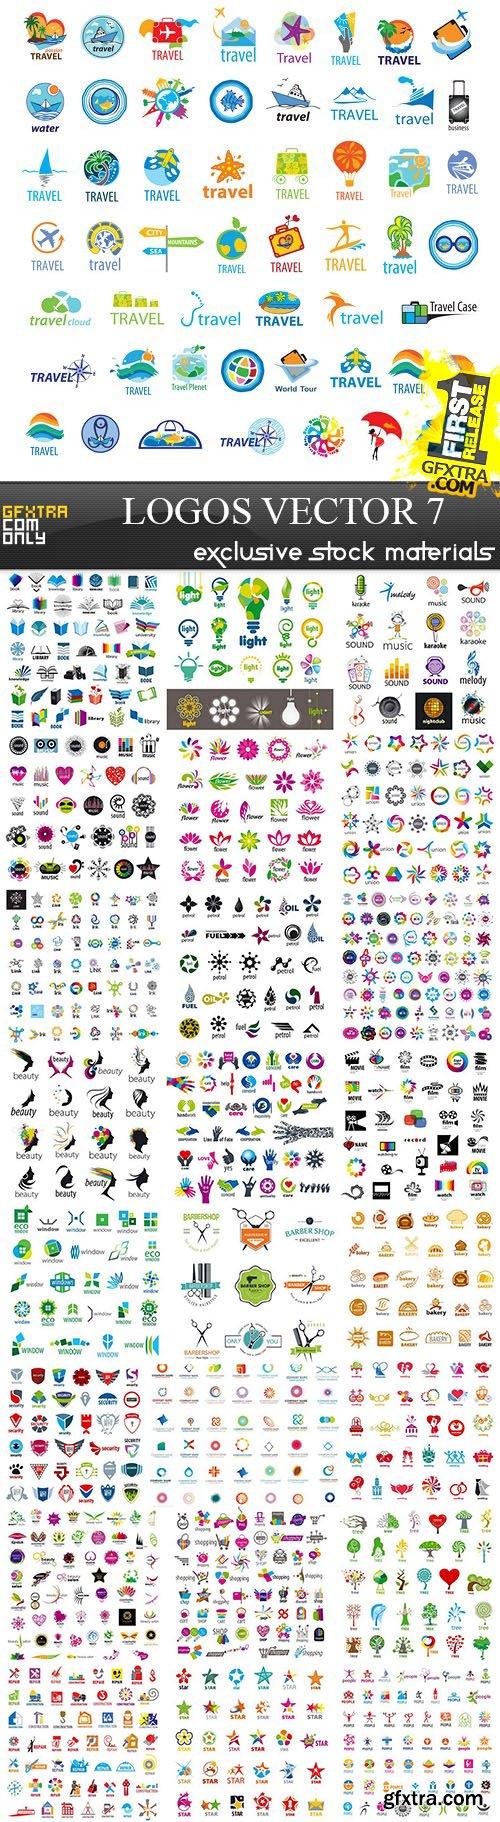 Logos - Vector Collection 7, 25xEPS